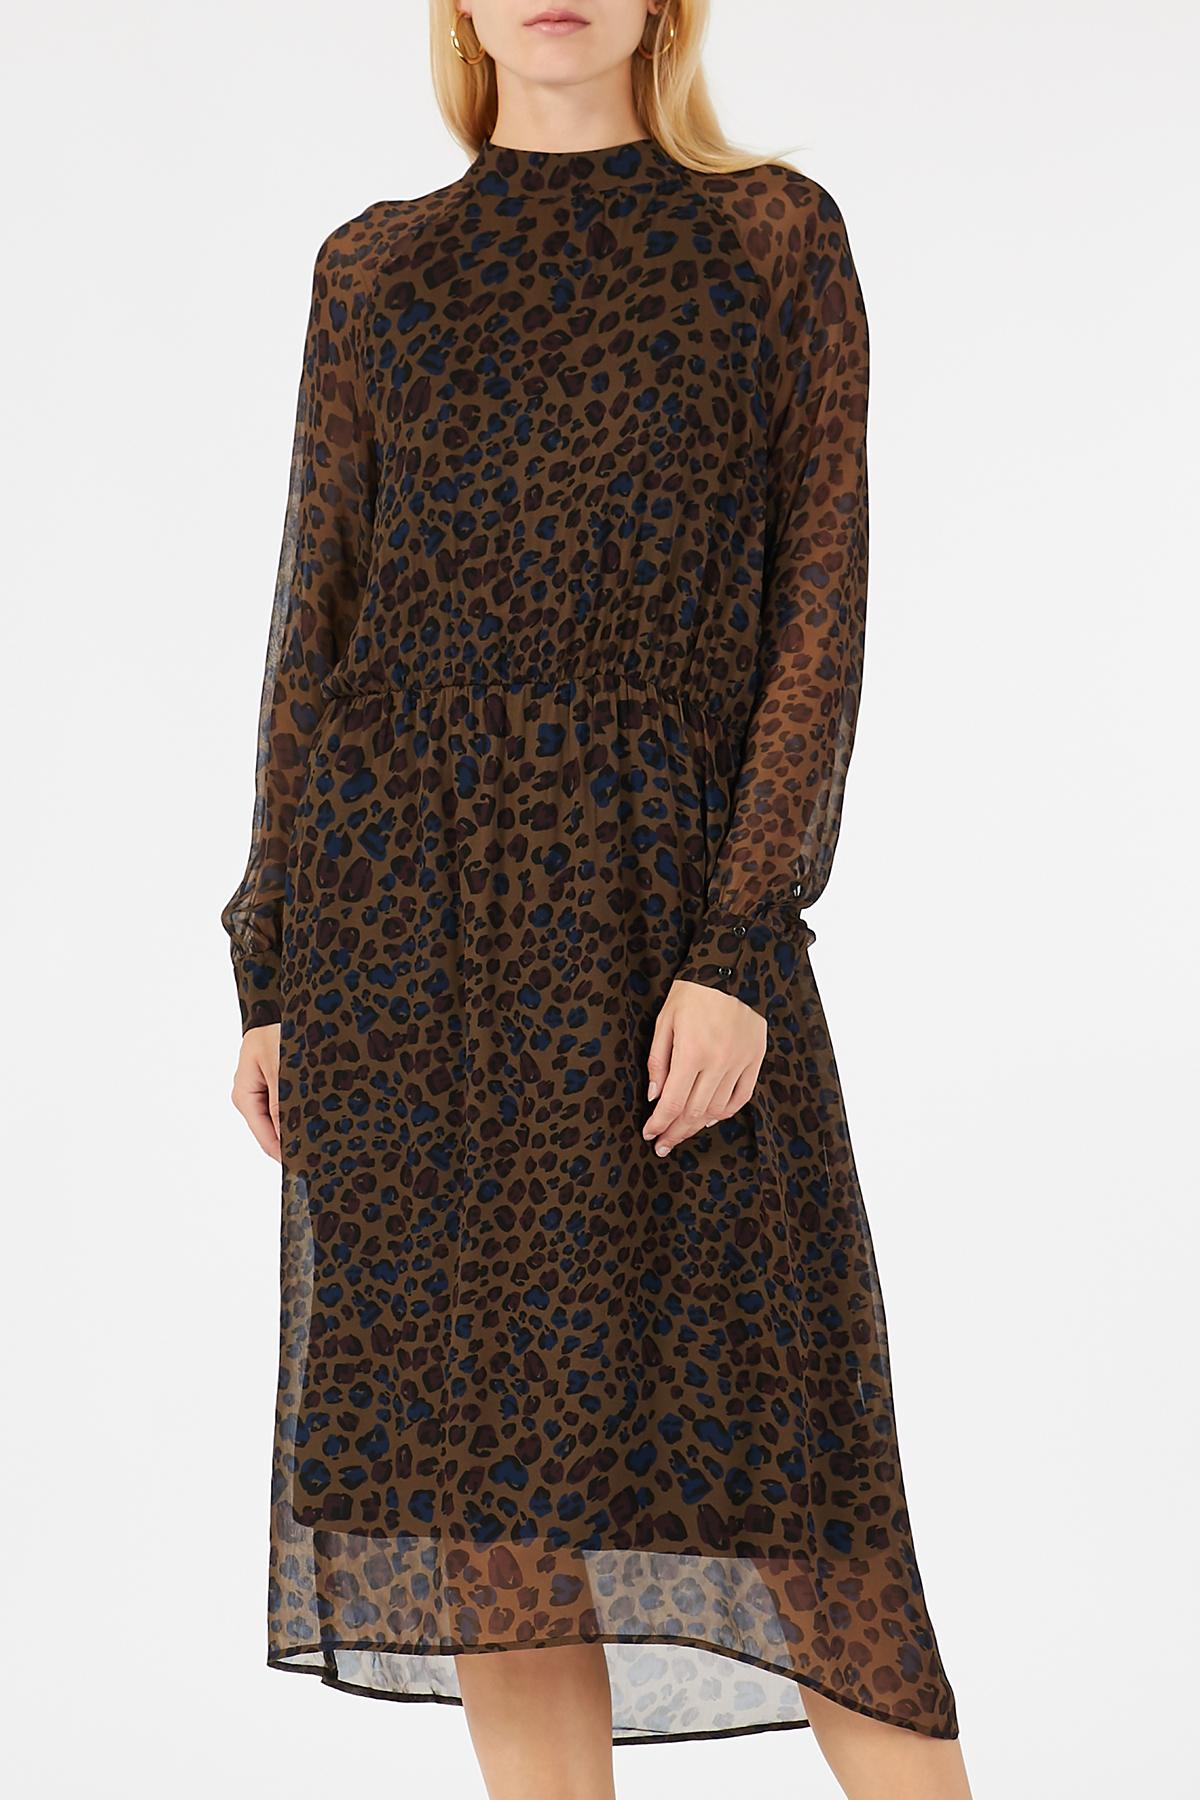 Midi-Kleid aus Viskose | IHEART | myCLASSICO.com